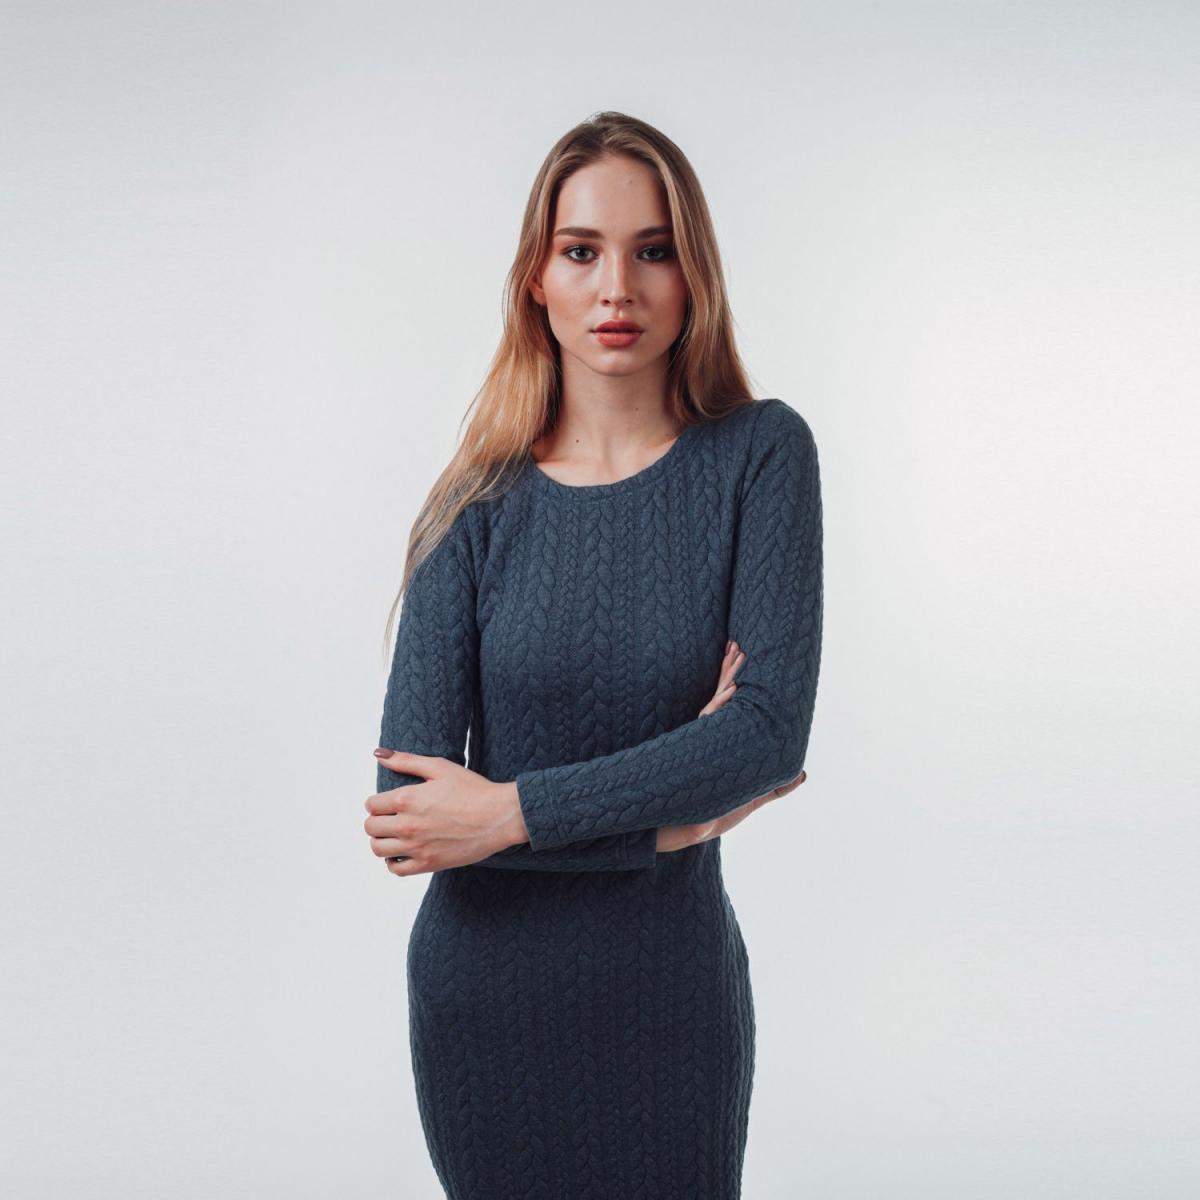 zimnee_platye79 Модные трикотажные платья: 100 стильных идей, фасонов и трендов